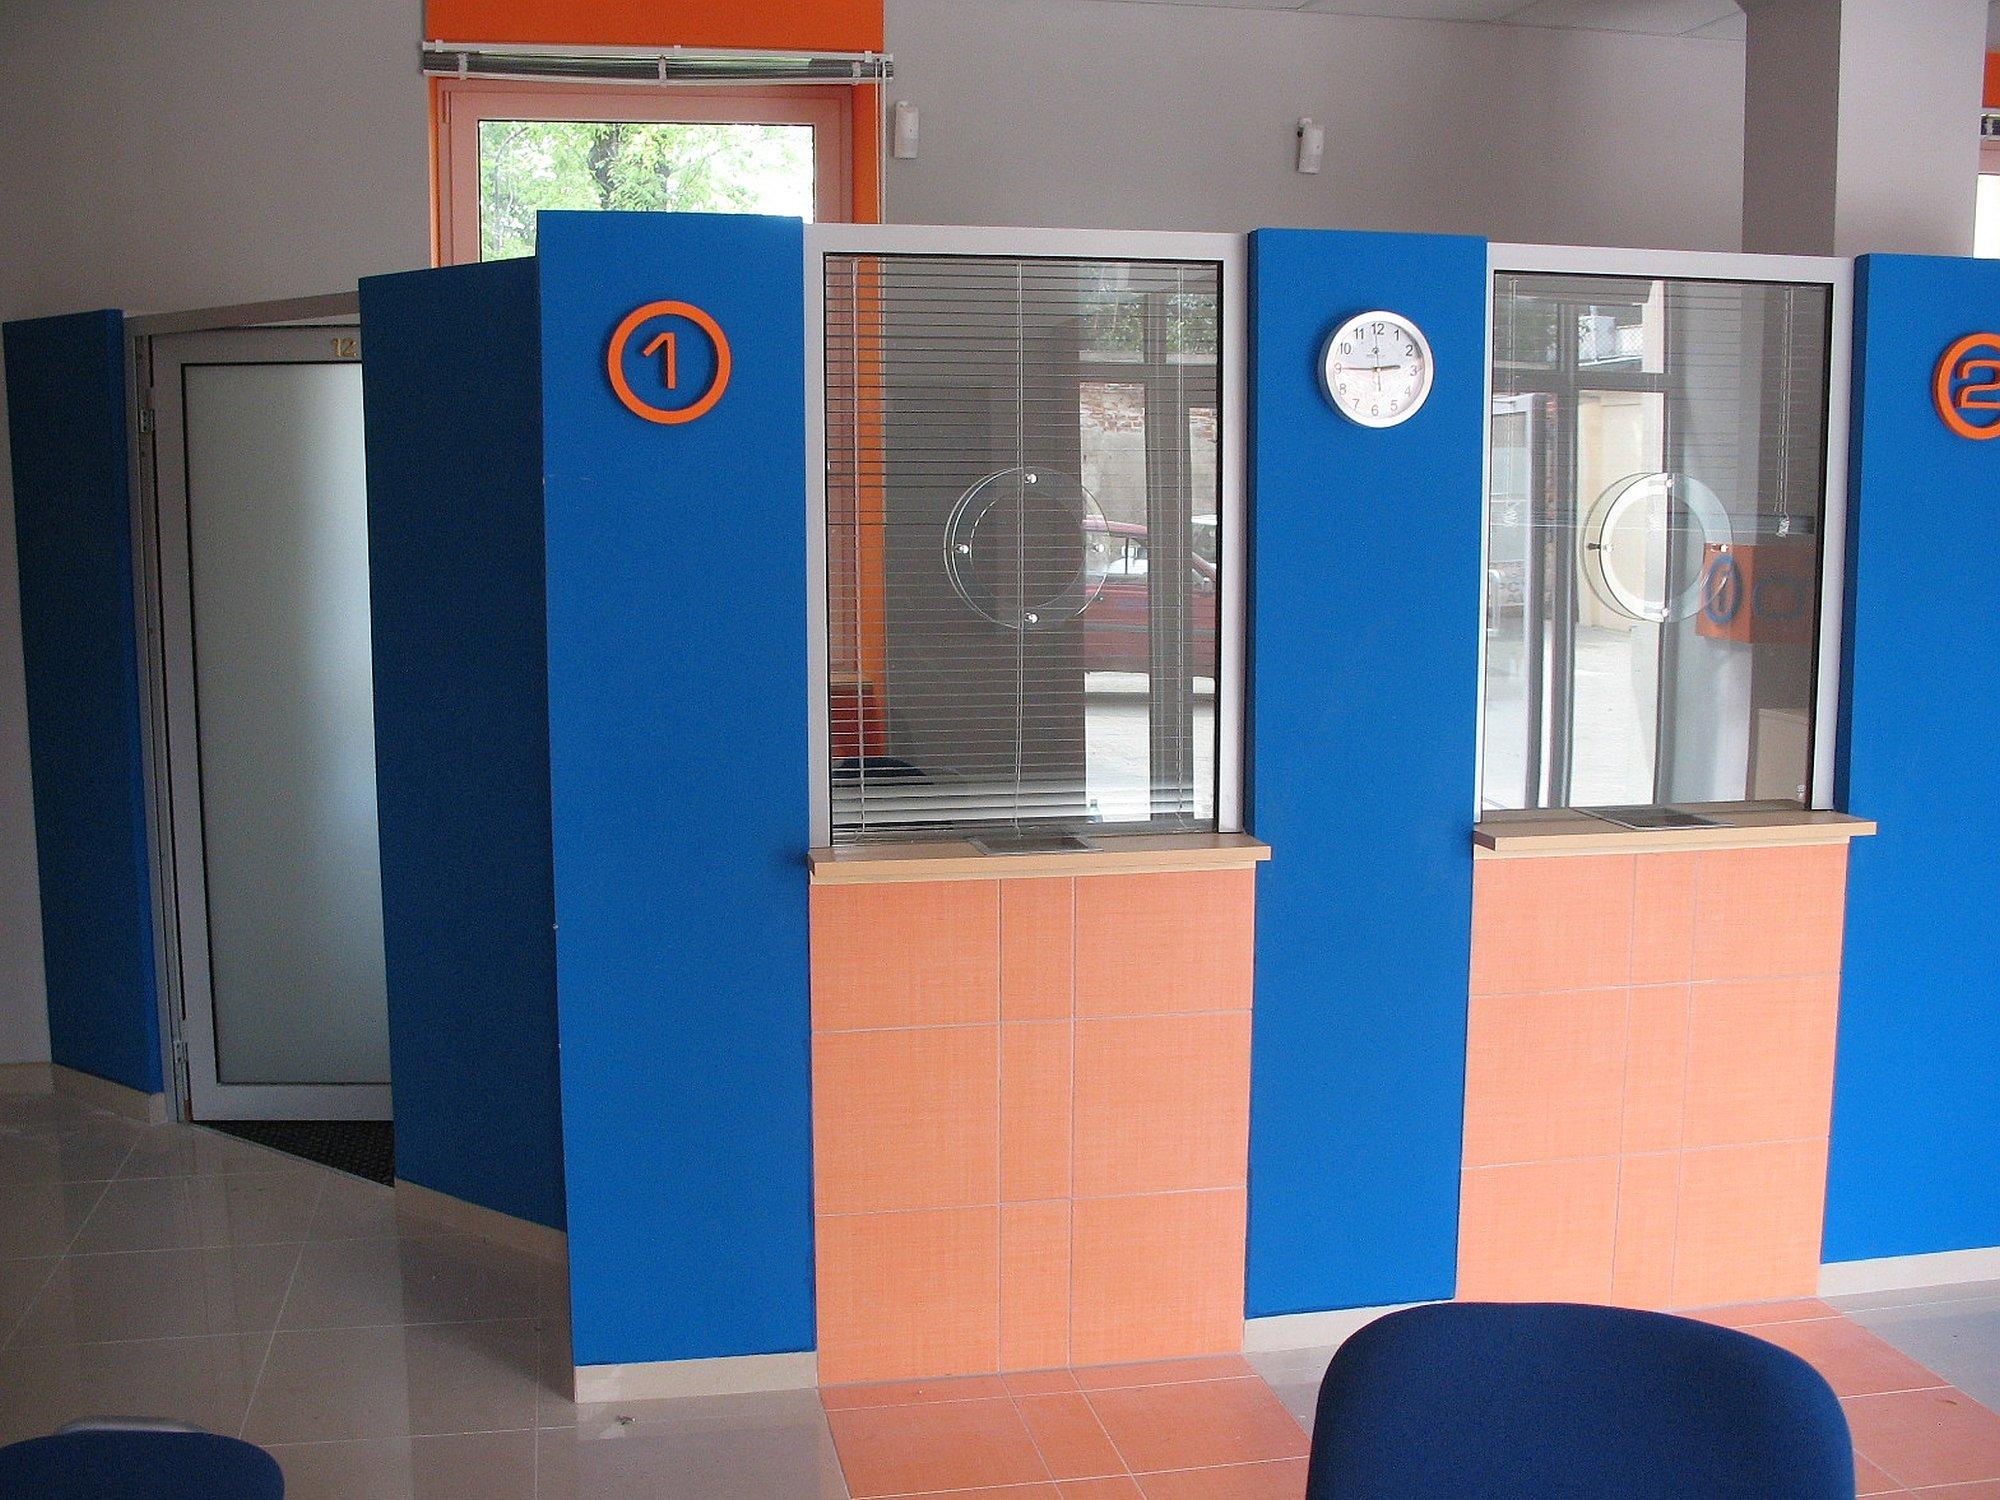 Energetyk025 fenster und turen mielczarek - Fenster und turen nachtraglich sichern ...